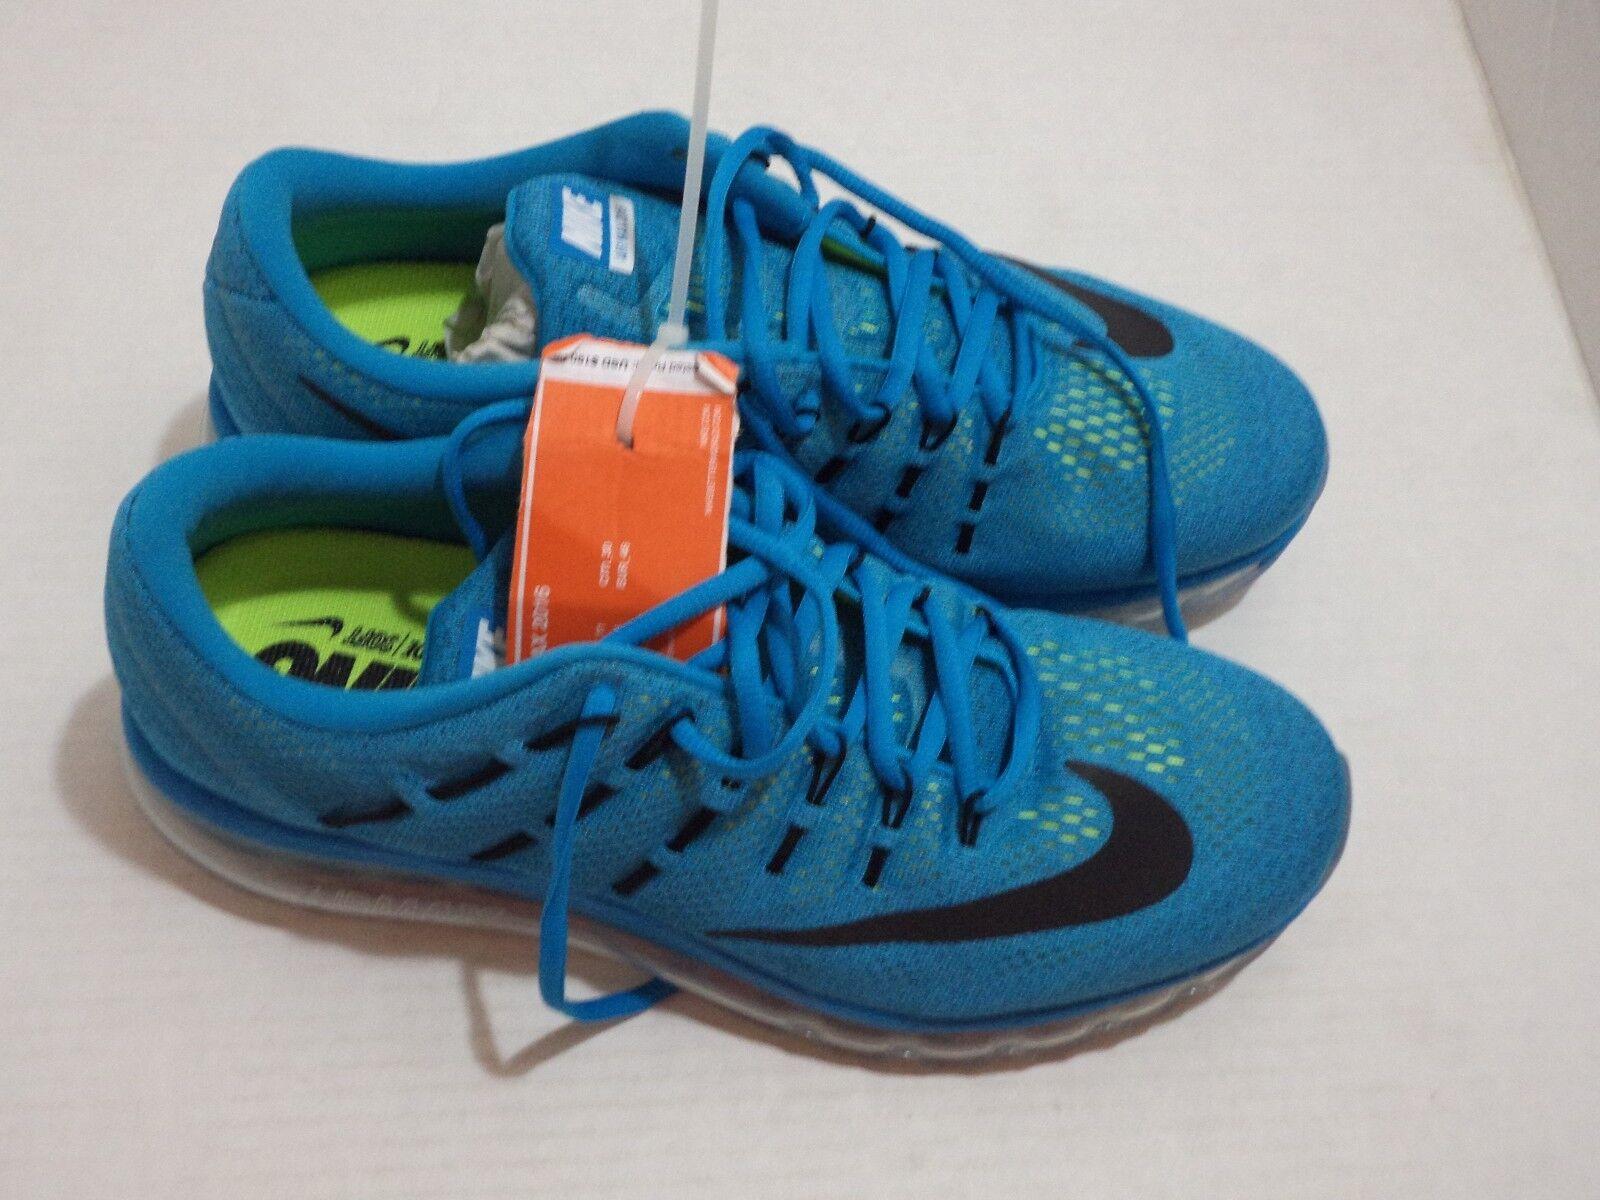 Nike Air Max 2015 Men Running shoes Size 11.5-12 color Black Brig,Volt-bluee Aqua